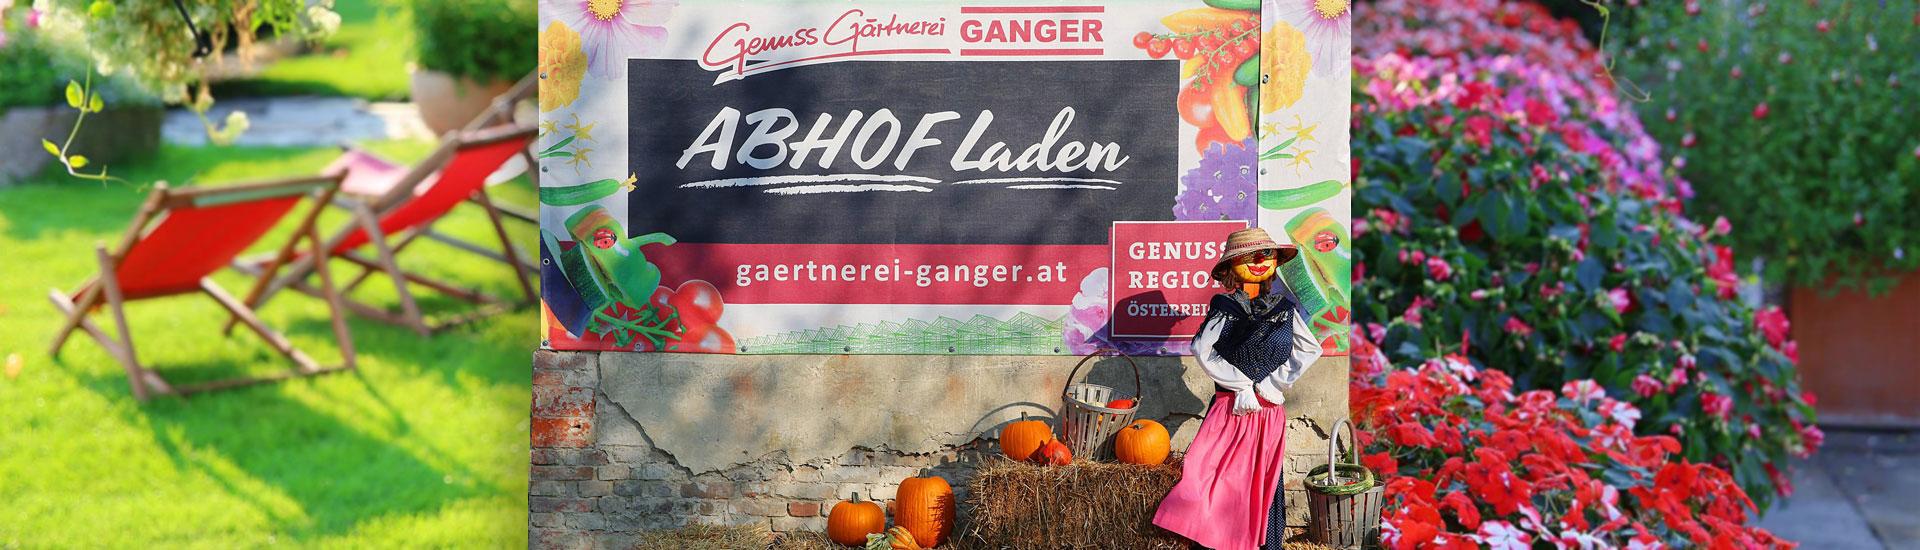 Gärtnerei Ganger | Abhofladen